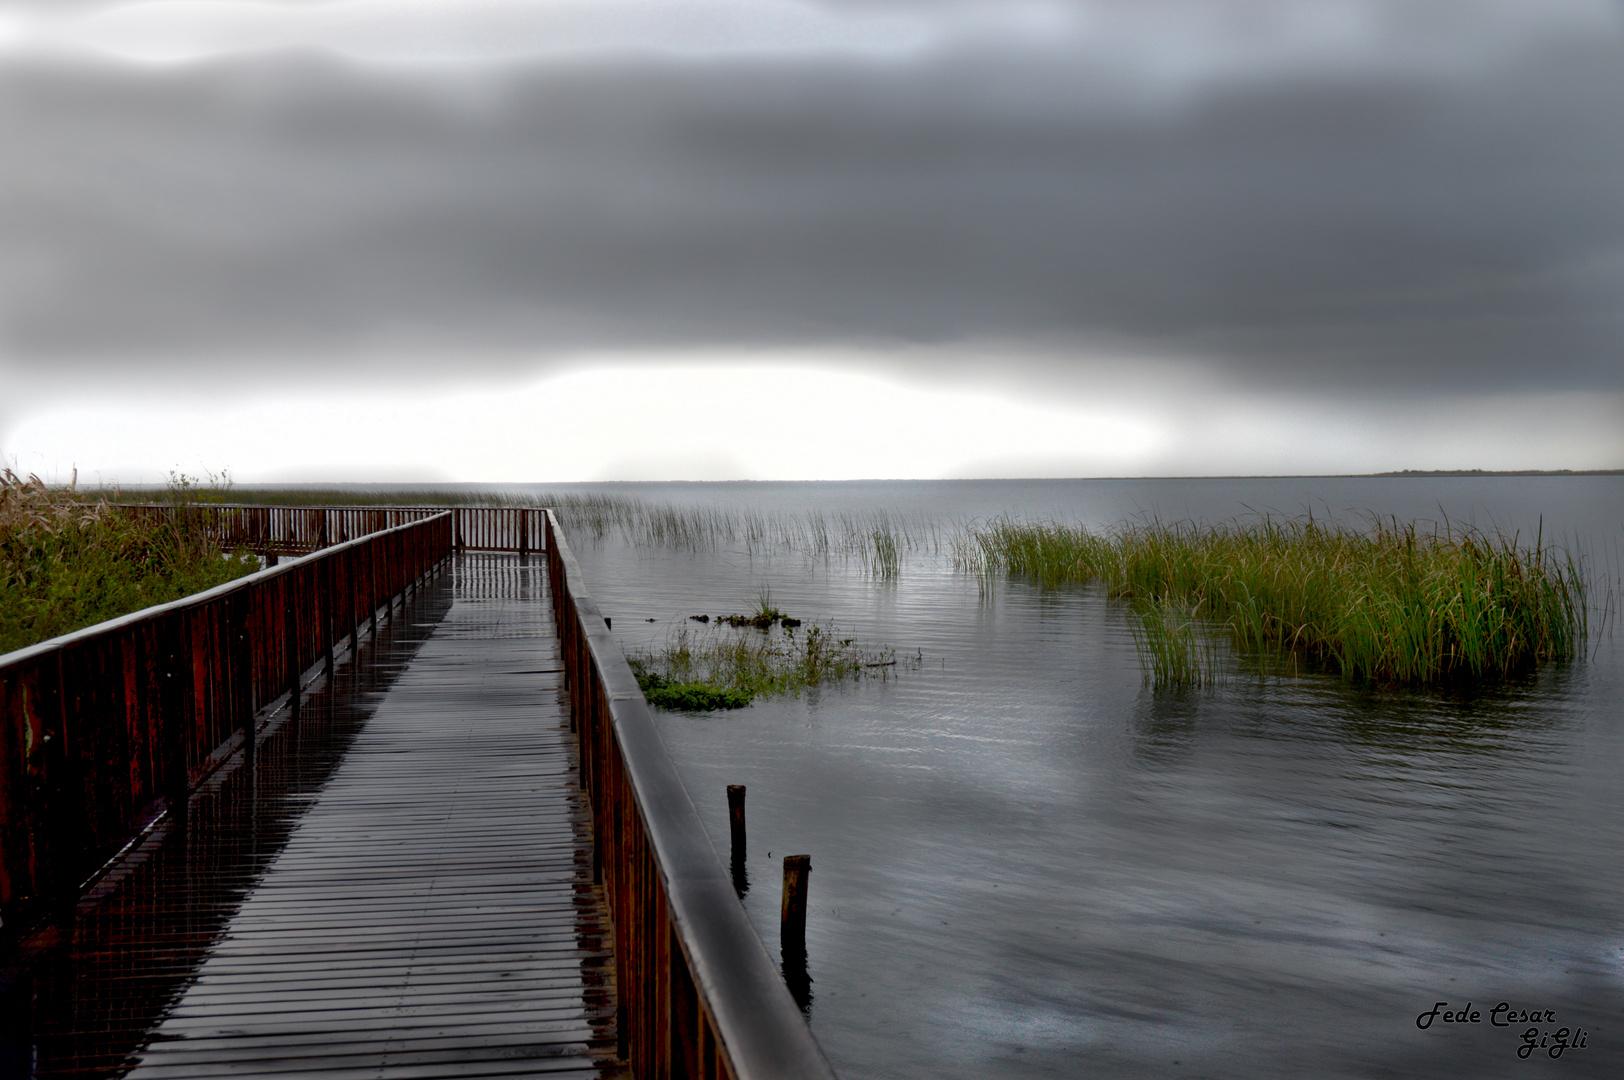 Esteros del ibera, Corrientes. AR